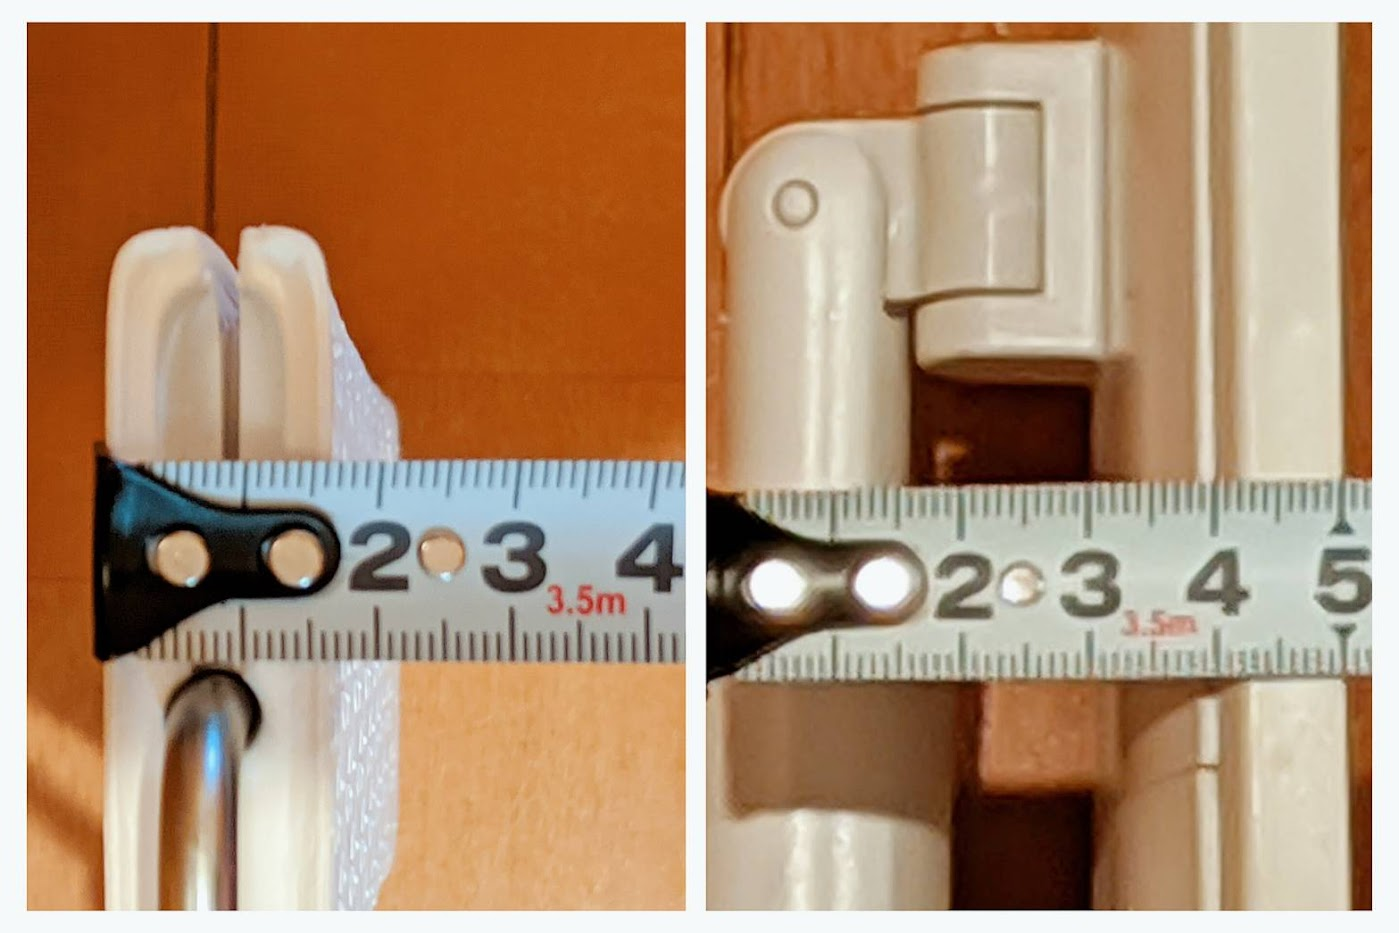 ヘッドを立てた状態で厚みをメジャーで測った画像。左がウェーブ1.6㎝、右が無印5㎝